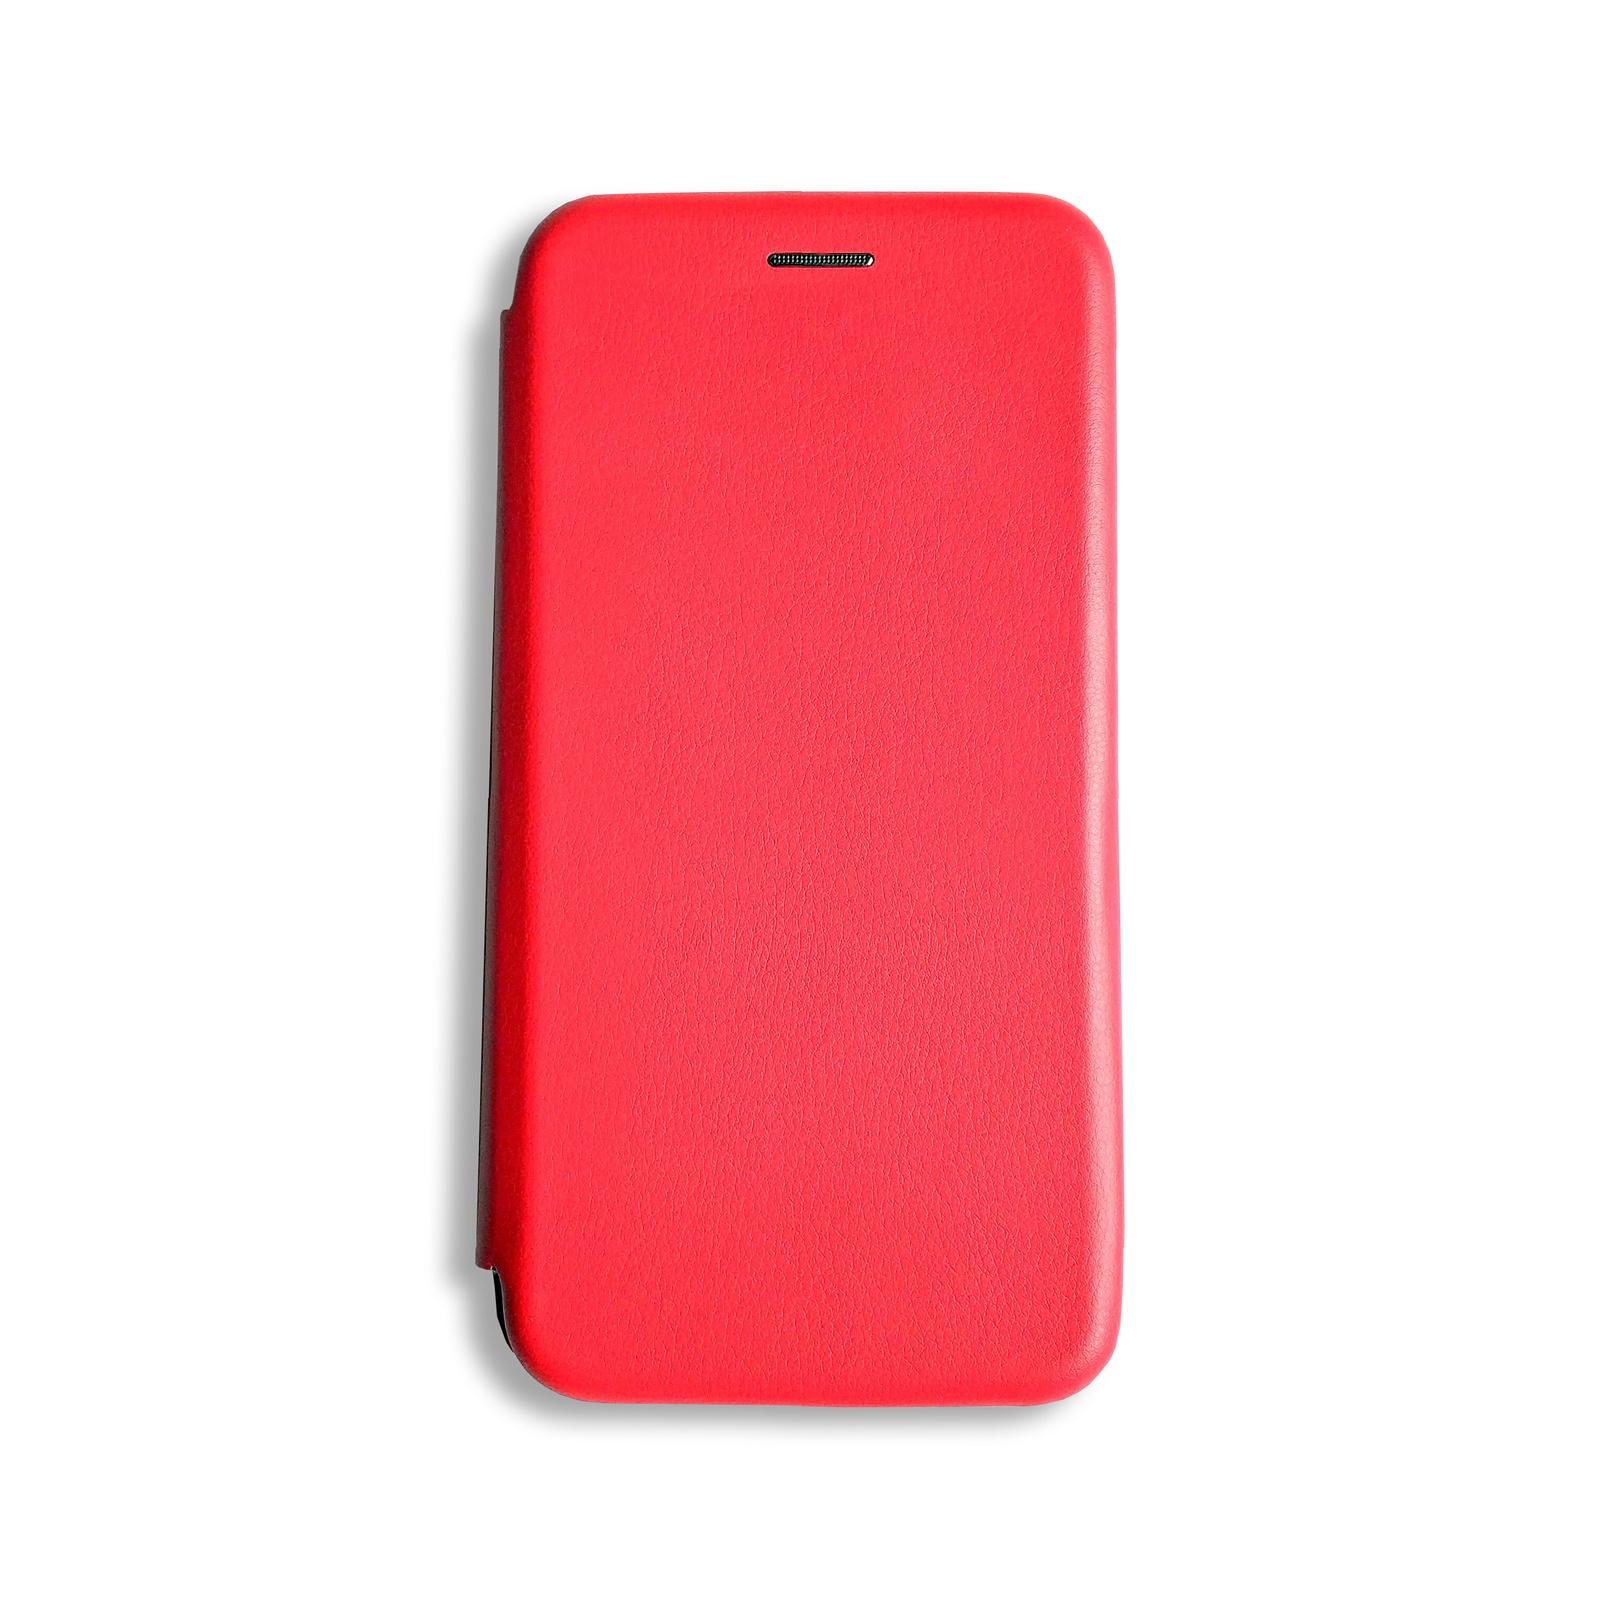 Чехол для сотового телефона книжка для Xiaomi Redmi 6A, красный красный дизайн кожа pu откидная крышка бумажника карты держатель чехол для xiaomi redmi 2 2a